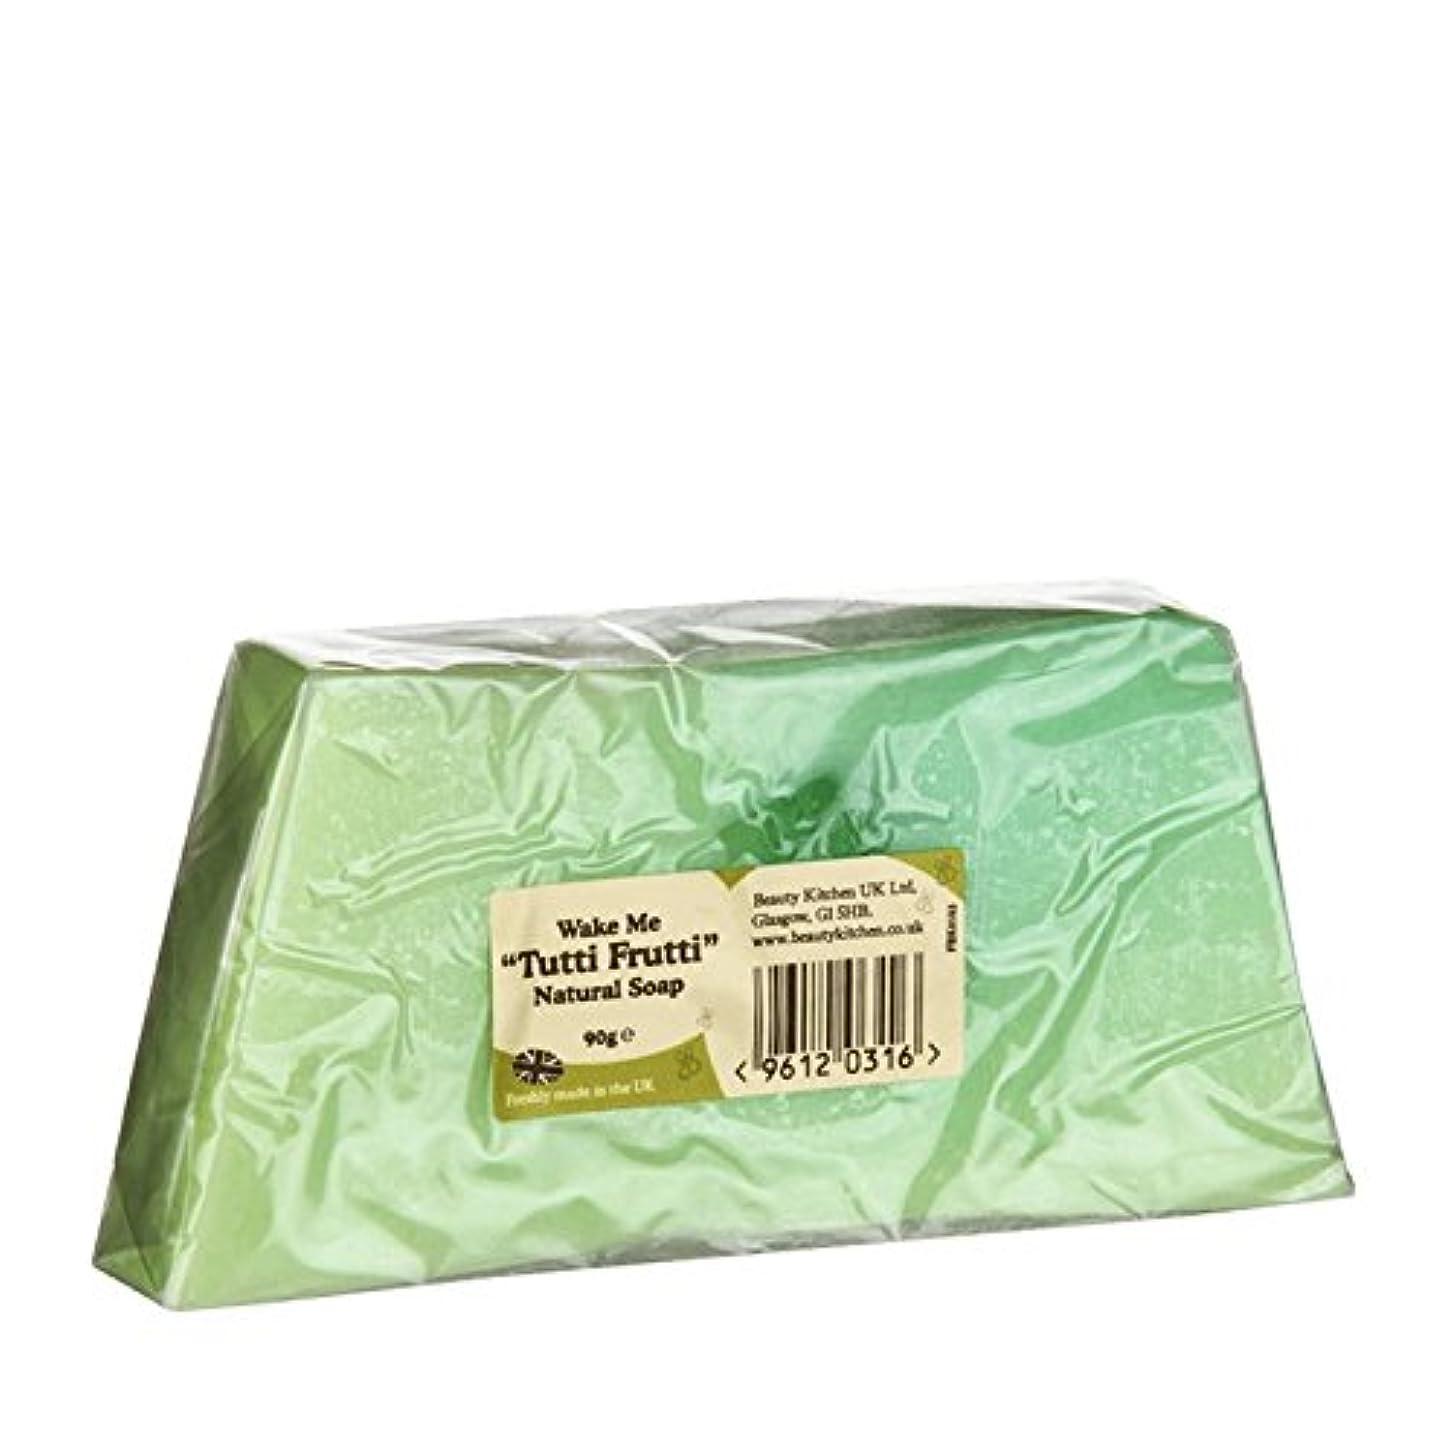 濃度合併症直径Beauty Kitchen Wake Me Tutti Frutti Natural Soap 90g (Pack of 2) - 美しさのキッチンは私トゥッティフルッティの天然石鹸90グラムウェイク (x2) [並行輸入品]